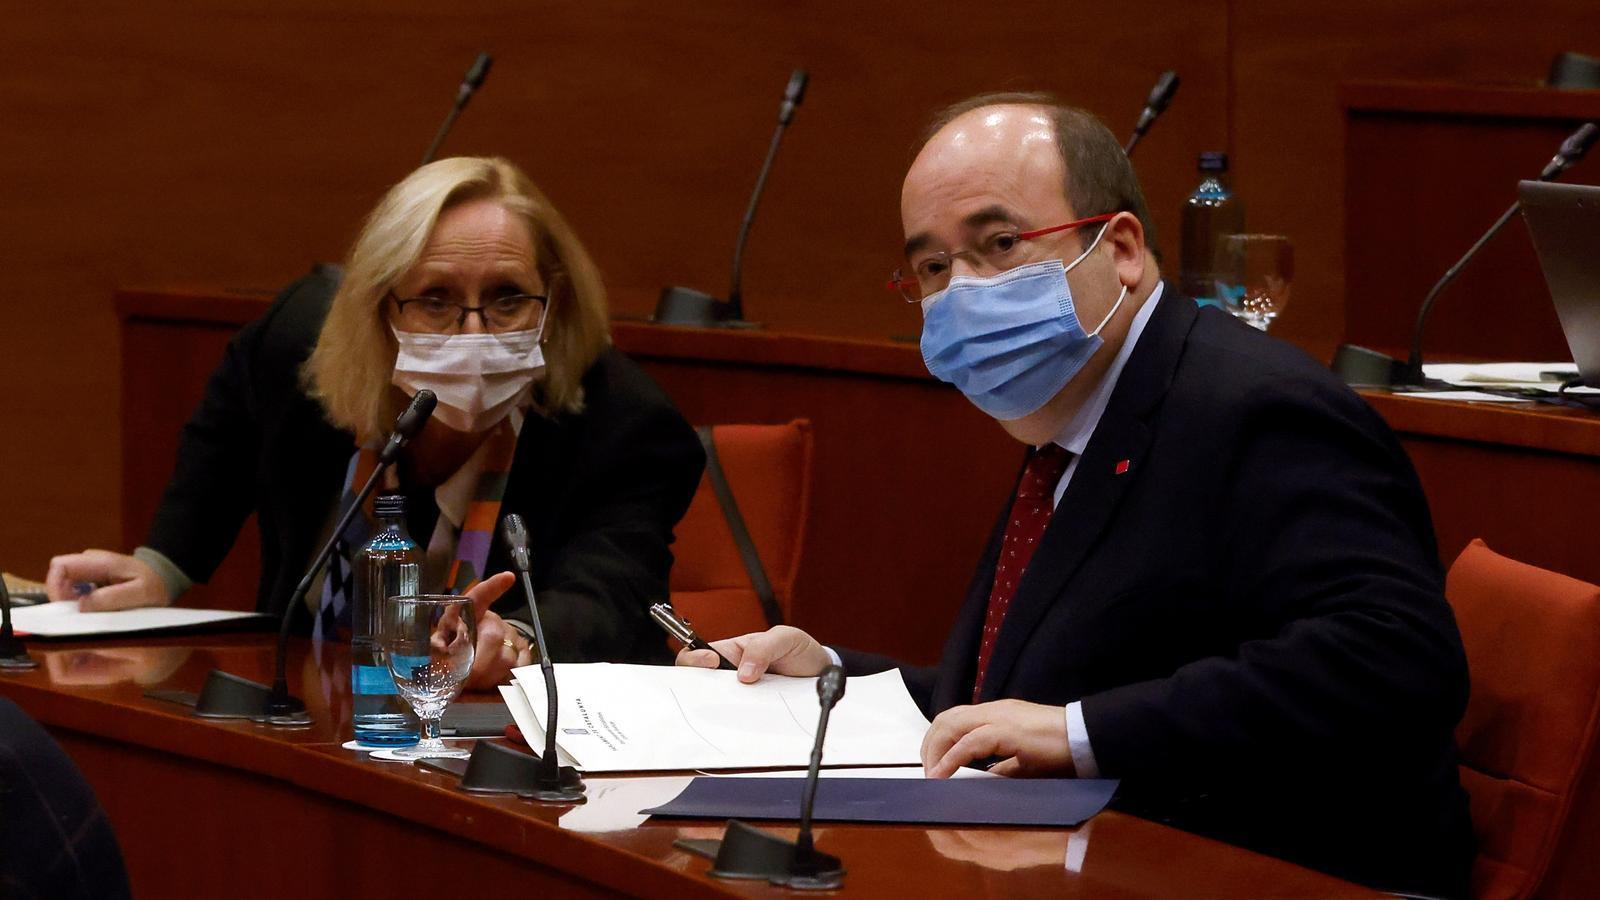 Assumpta Escarp i Miquel Iceta (PSC) aquest divendres a la taula de partits.